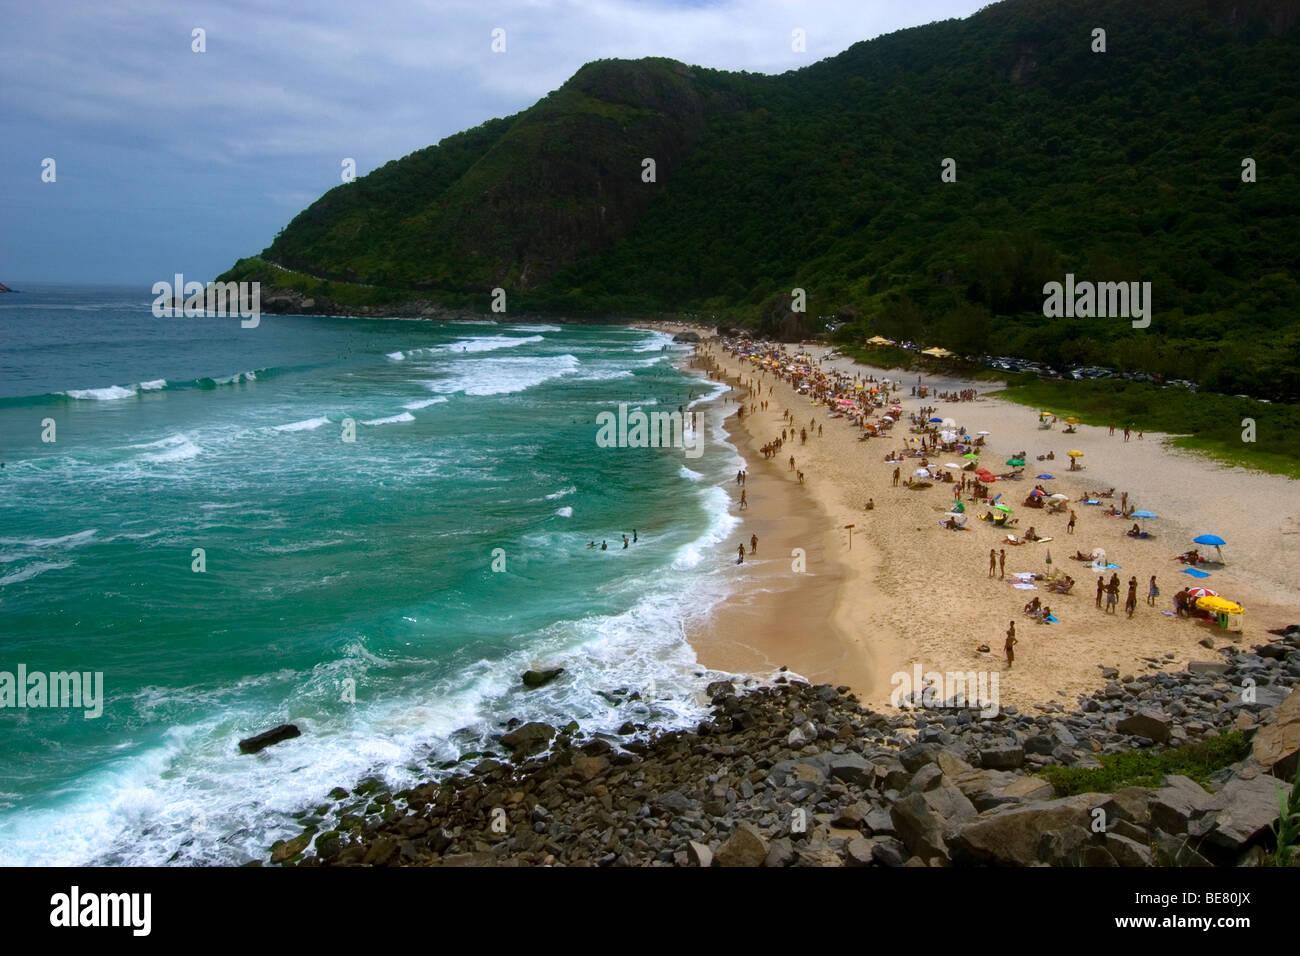 Prainha beach, Rio de Janeiro, Brazil - Stock Image